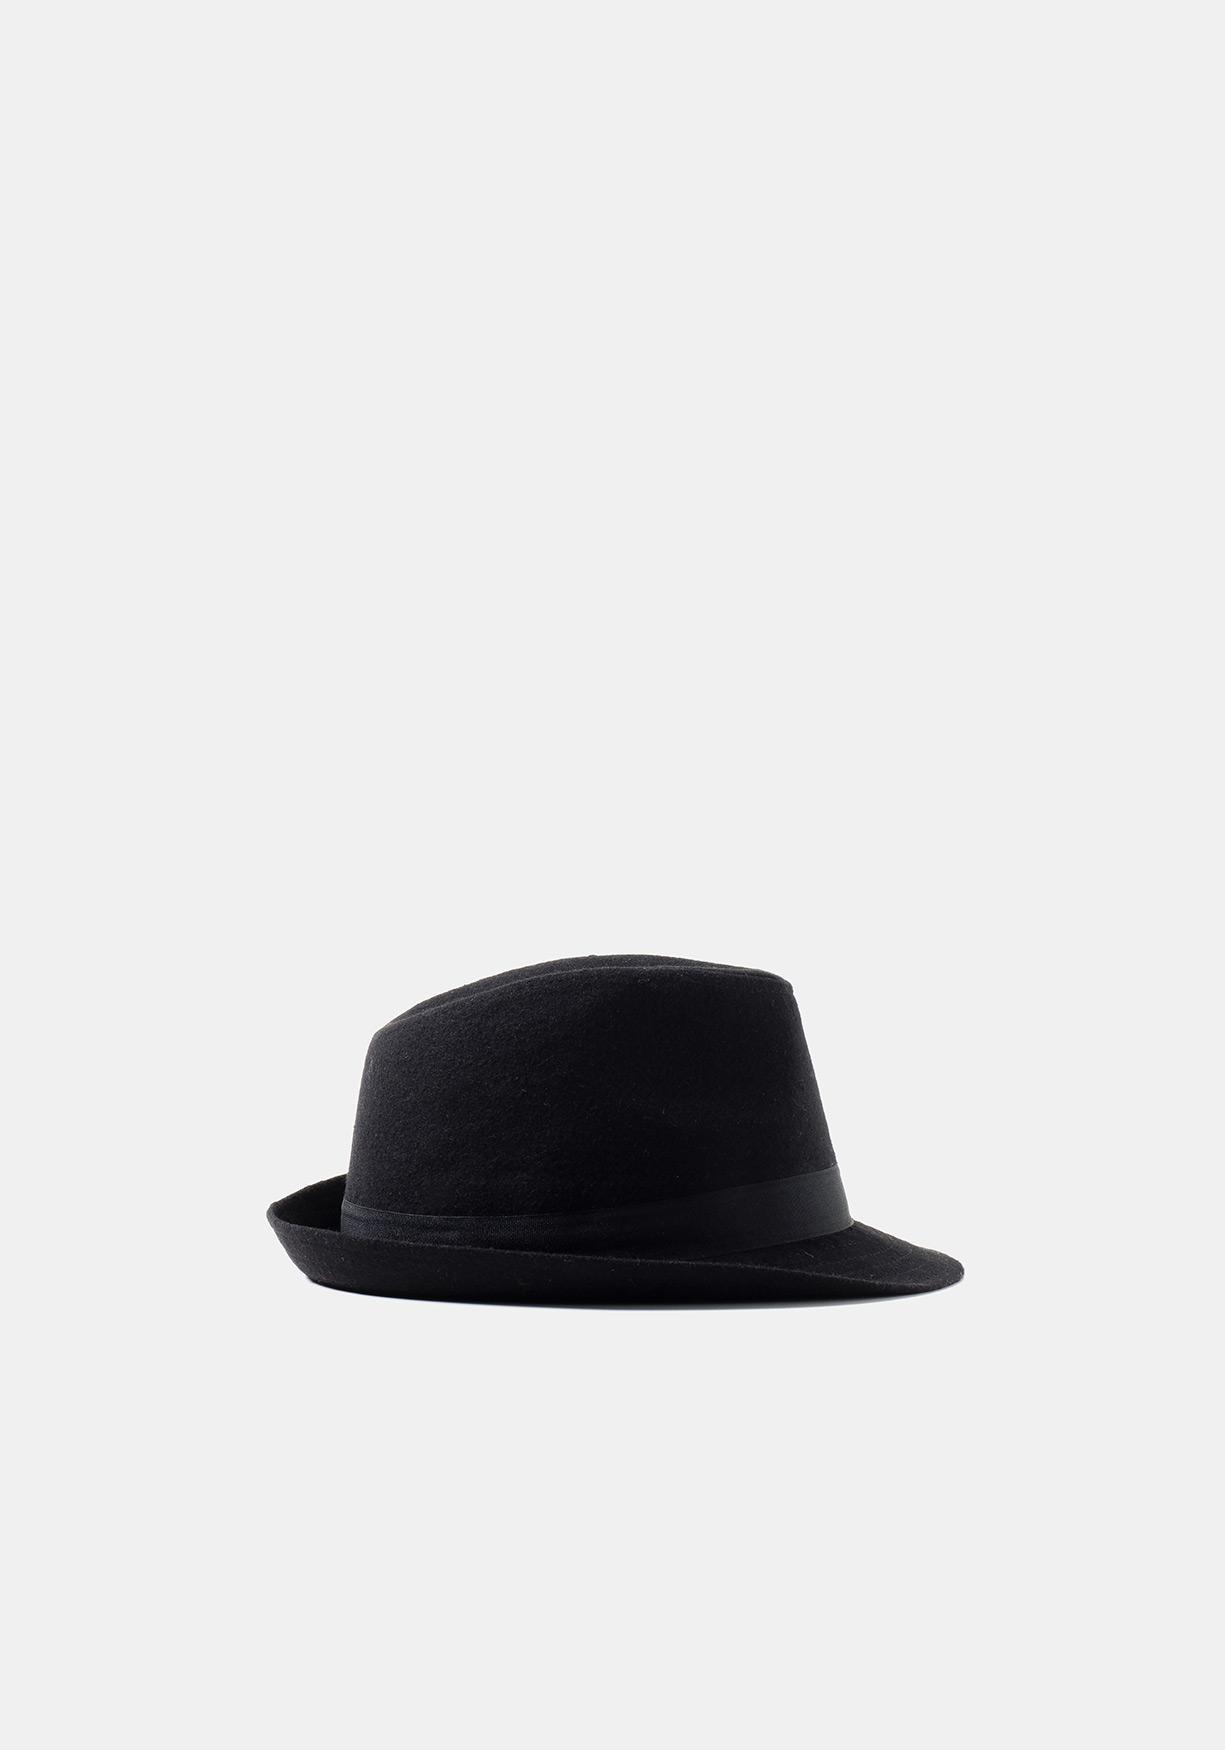 Comprar Sombrero borsalino negro. ¡Aprovéchate de nuestros precios y ... 154365b8362